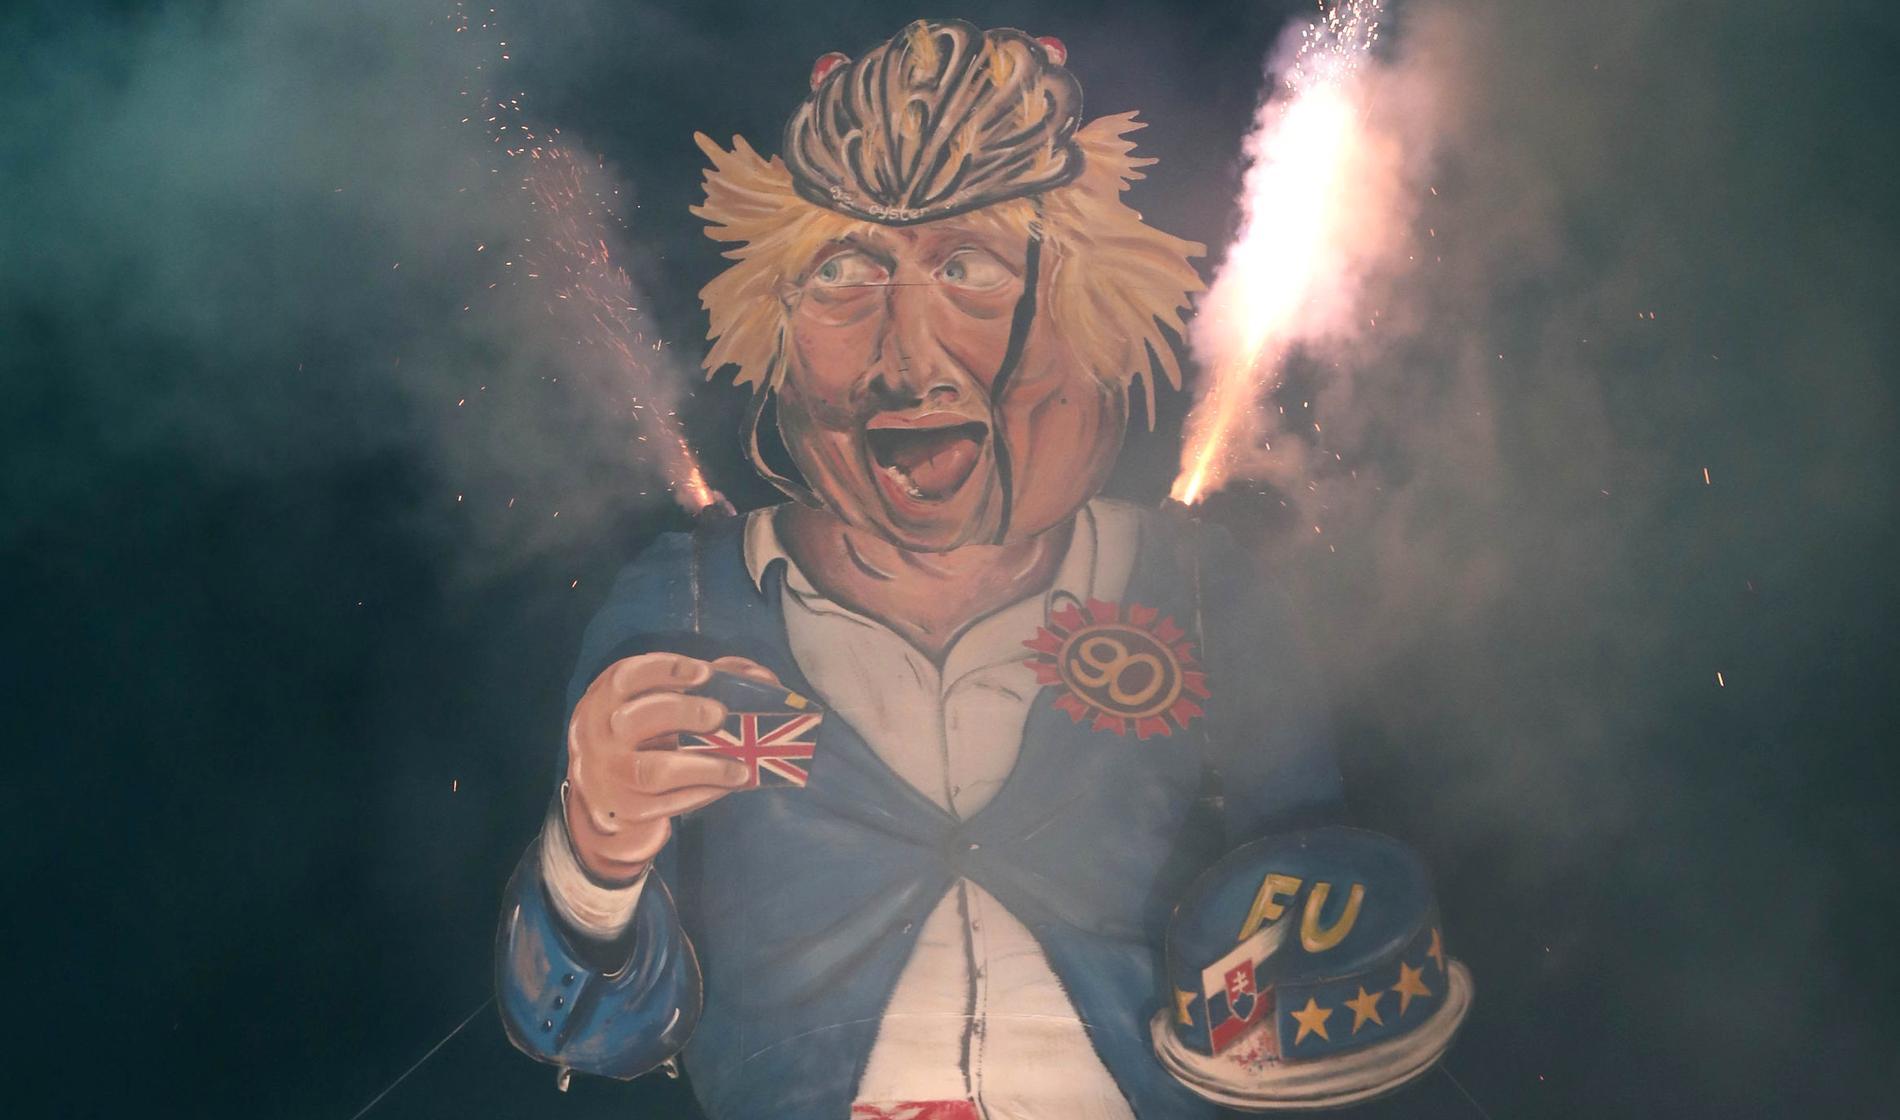 The Edenbridge Bonfire Society brände en 11 meter hög docka av Boris Johnson på Guy Fawkes-Night 2018.